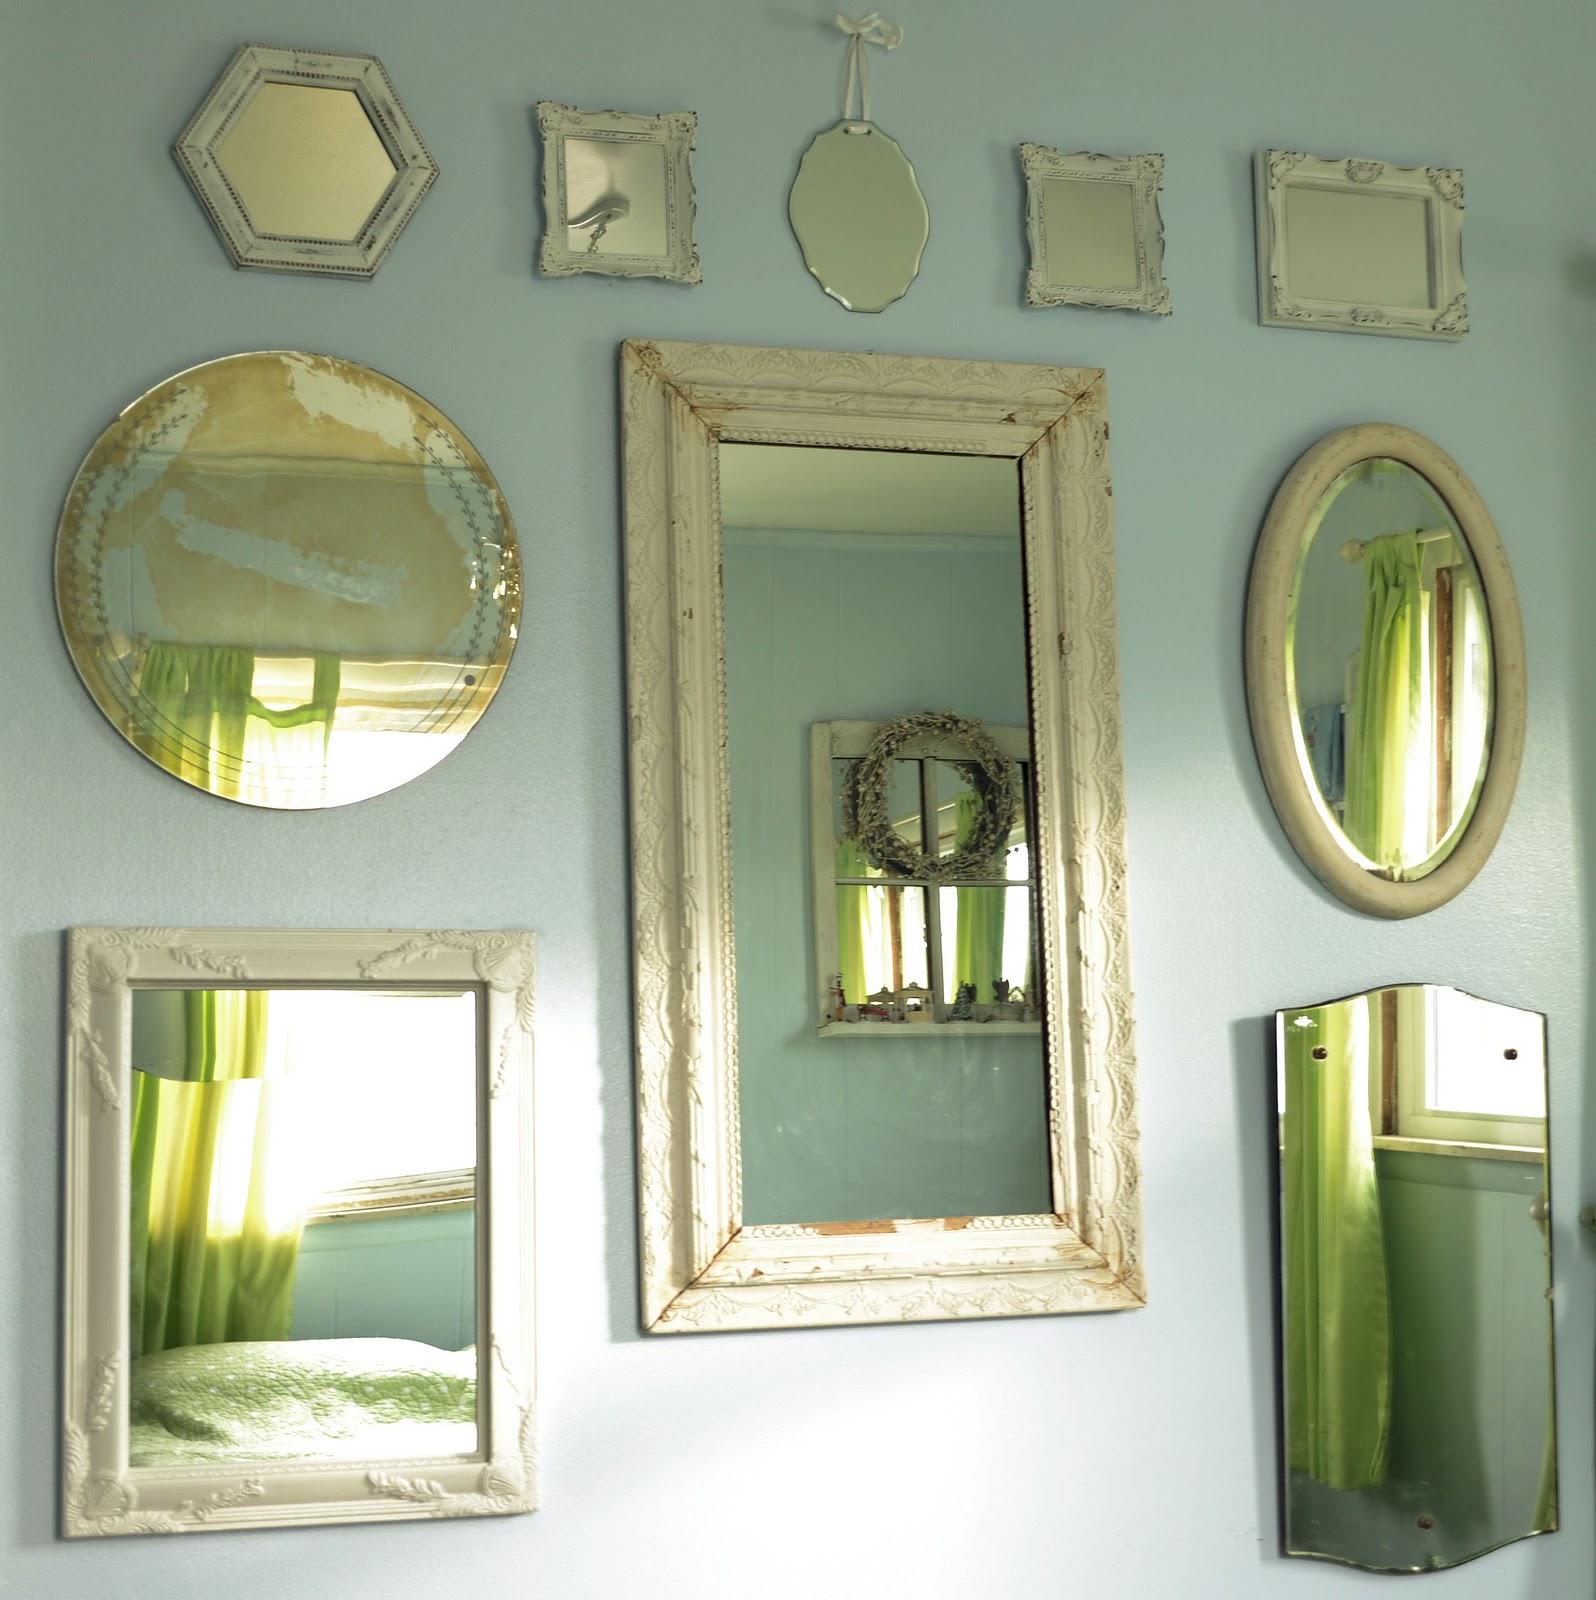 Shabby Love: Wall of Mirrors